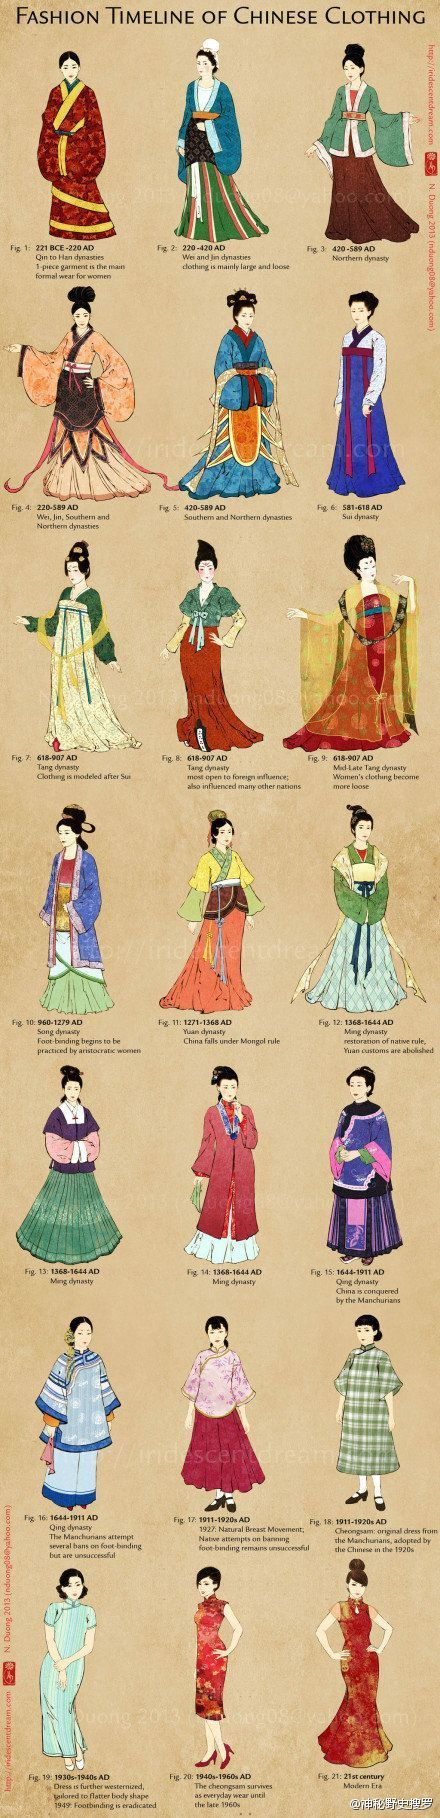 mehr wissen Über die chinesische traditionelle kleidung